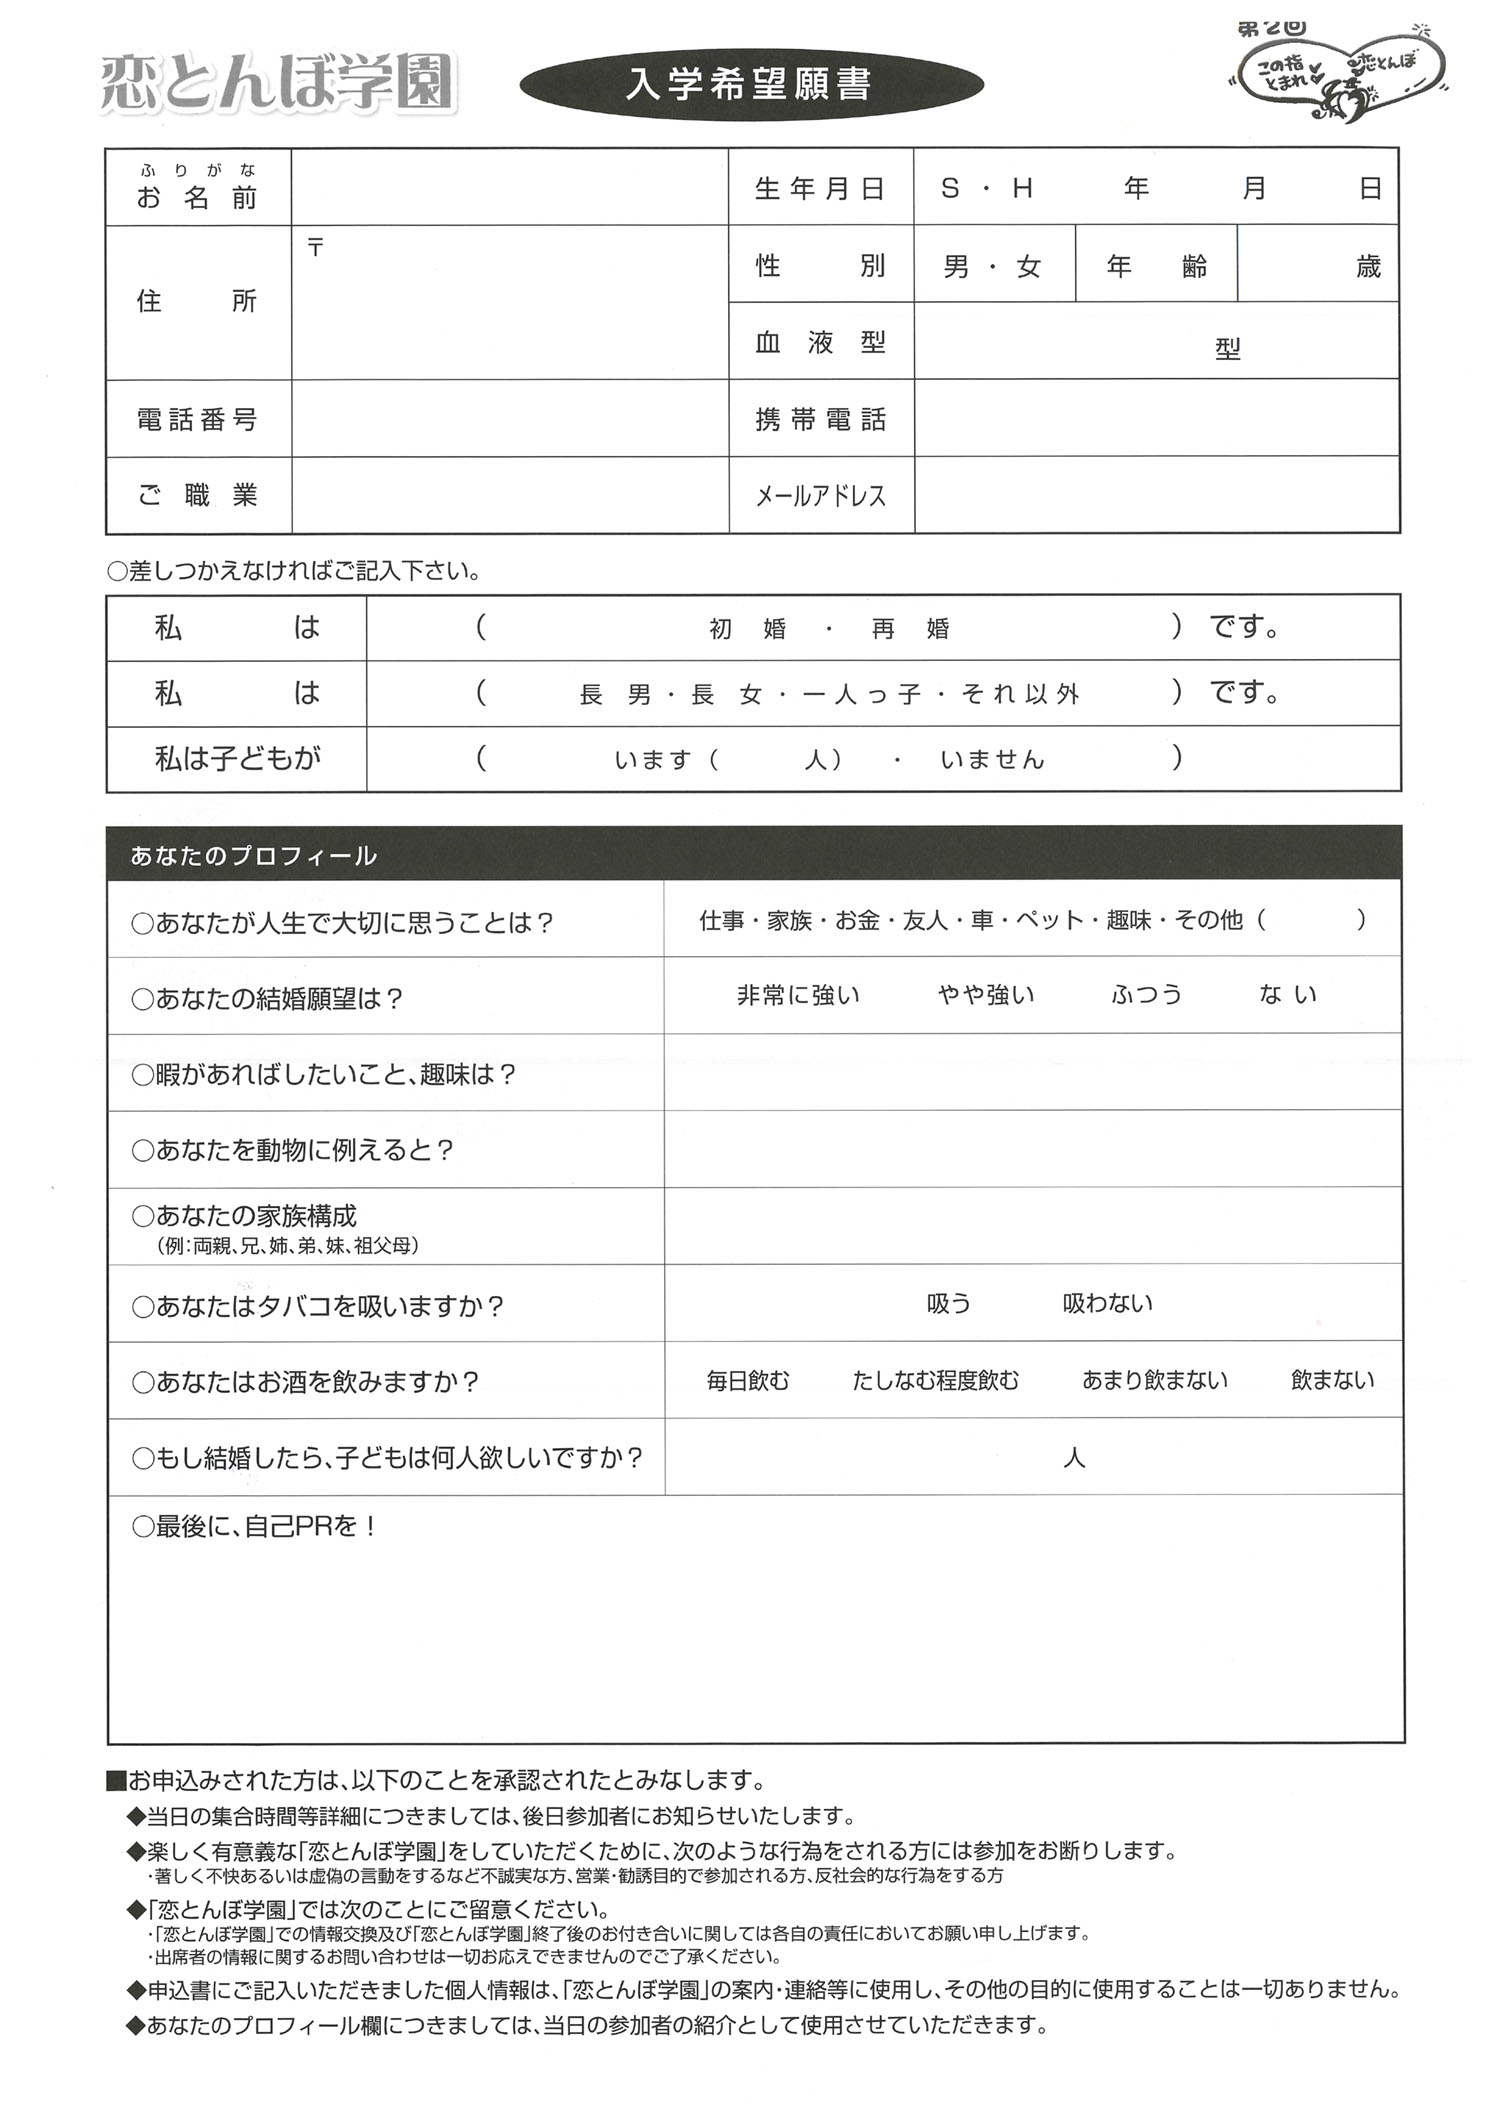 doc20111017121814.jpg